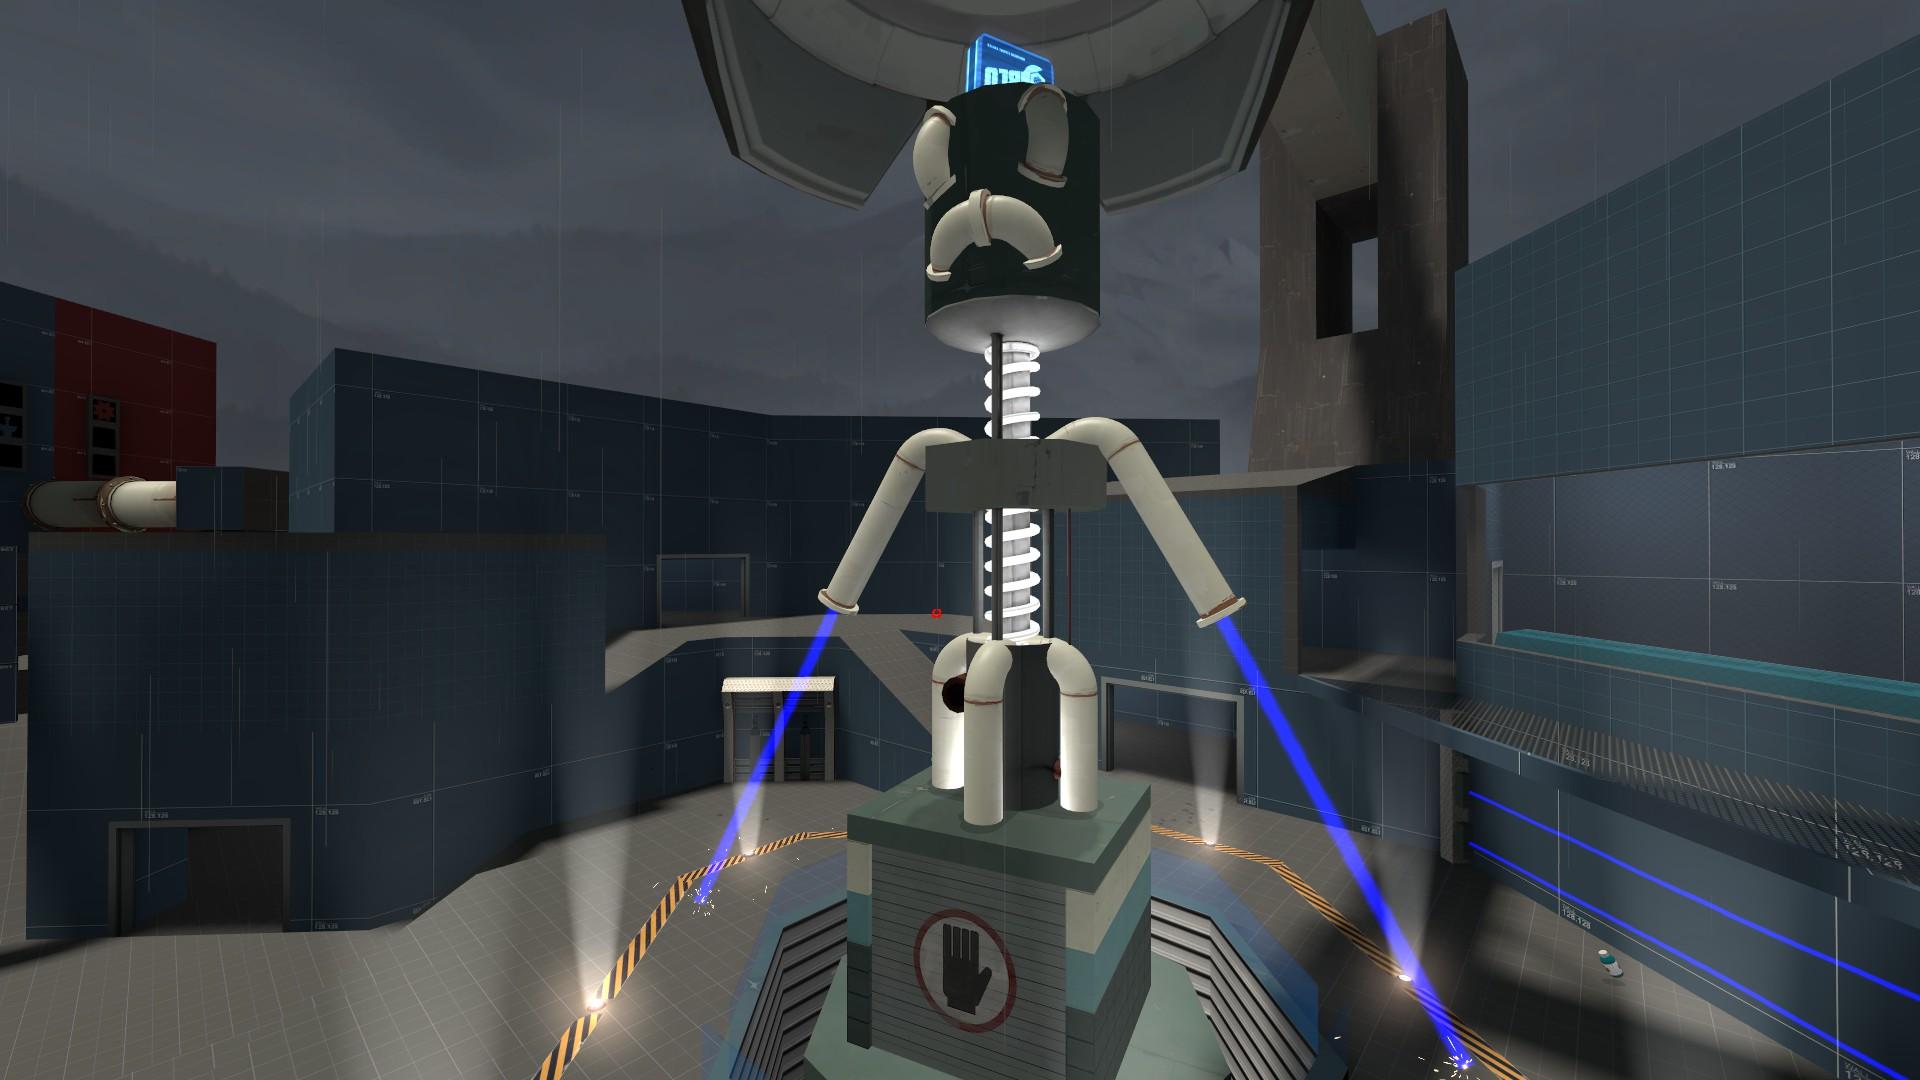 rodense_a5_laserbot.jpg